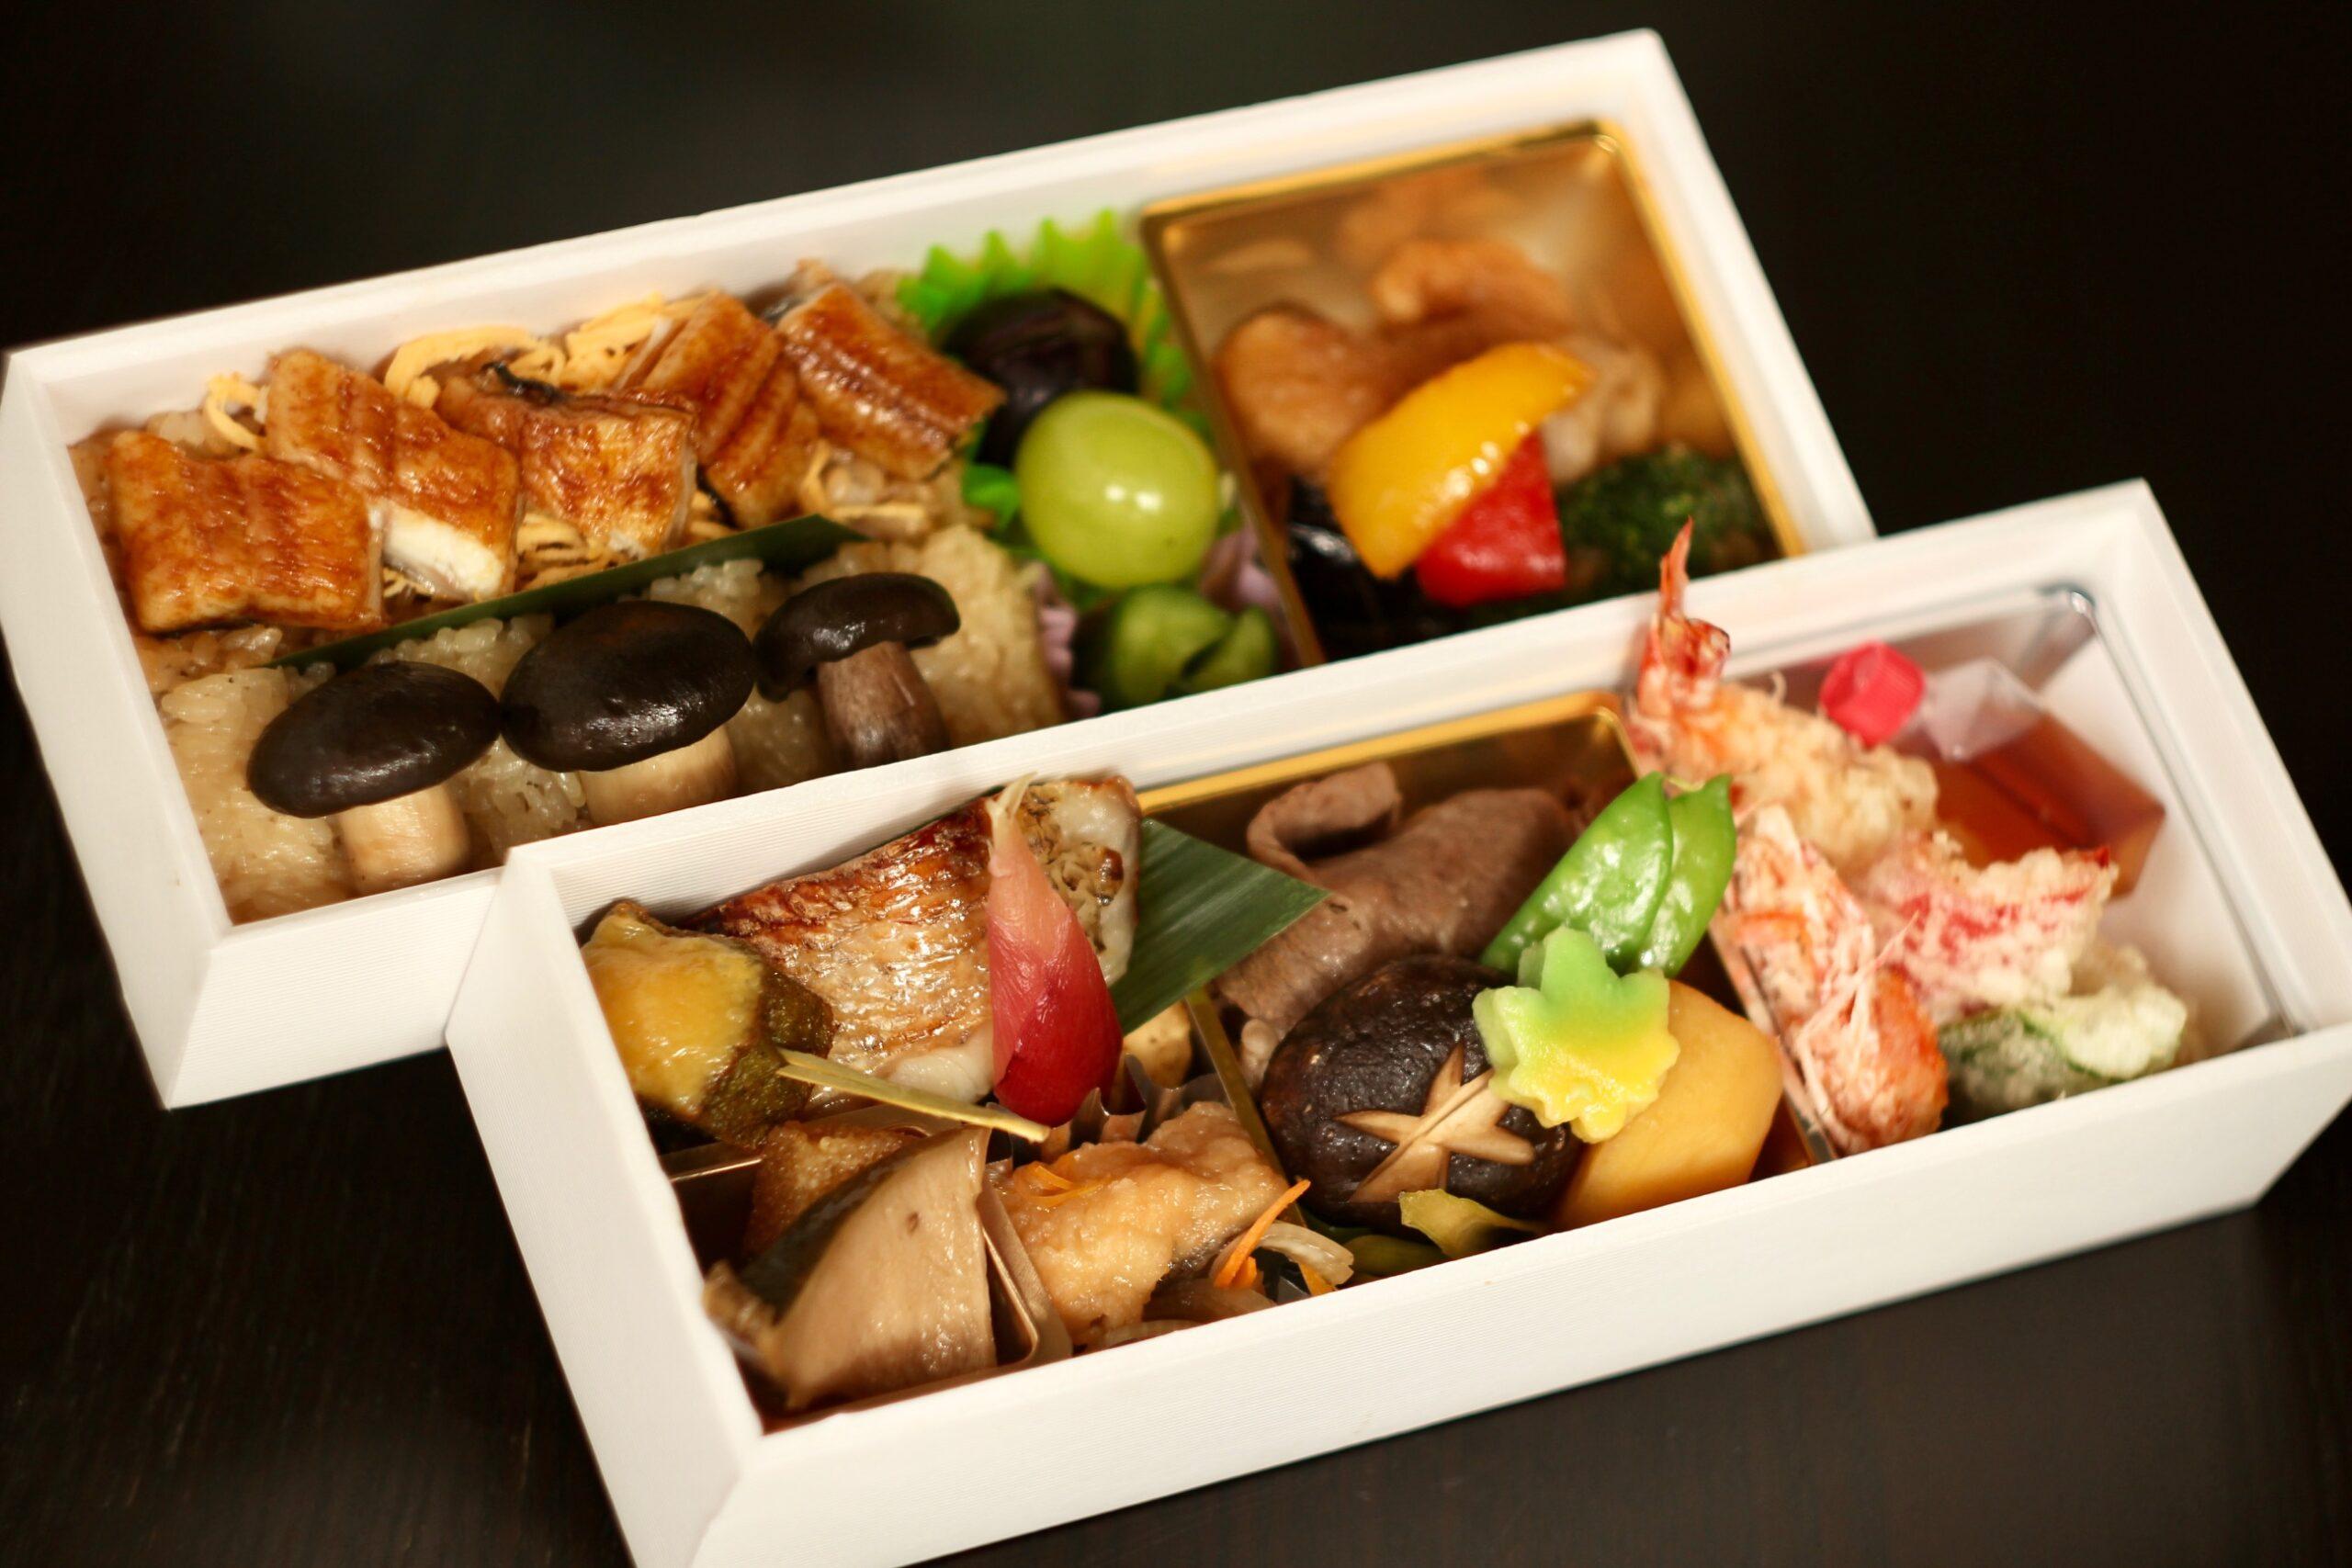 【みつわ弁当】5,400円/7,560円<p>とちぎ和牛・旬魚西京焼と季節の品々を詰めた御弁当です。 (季節により内容は異なります。)</p>